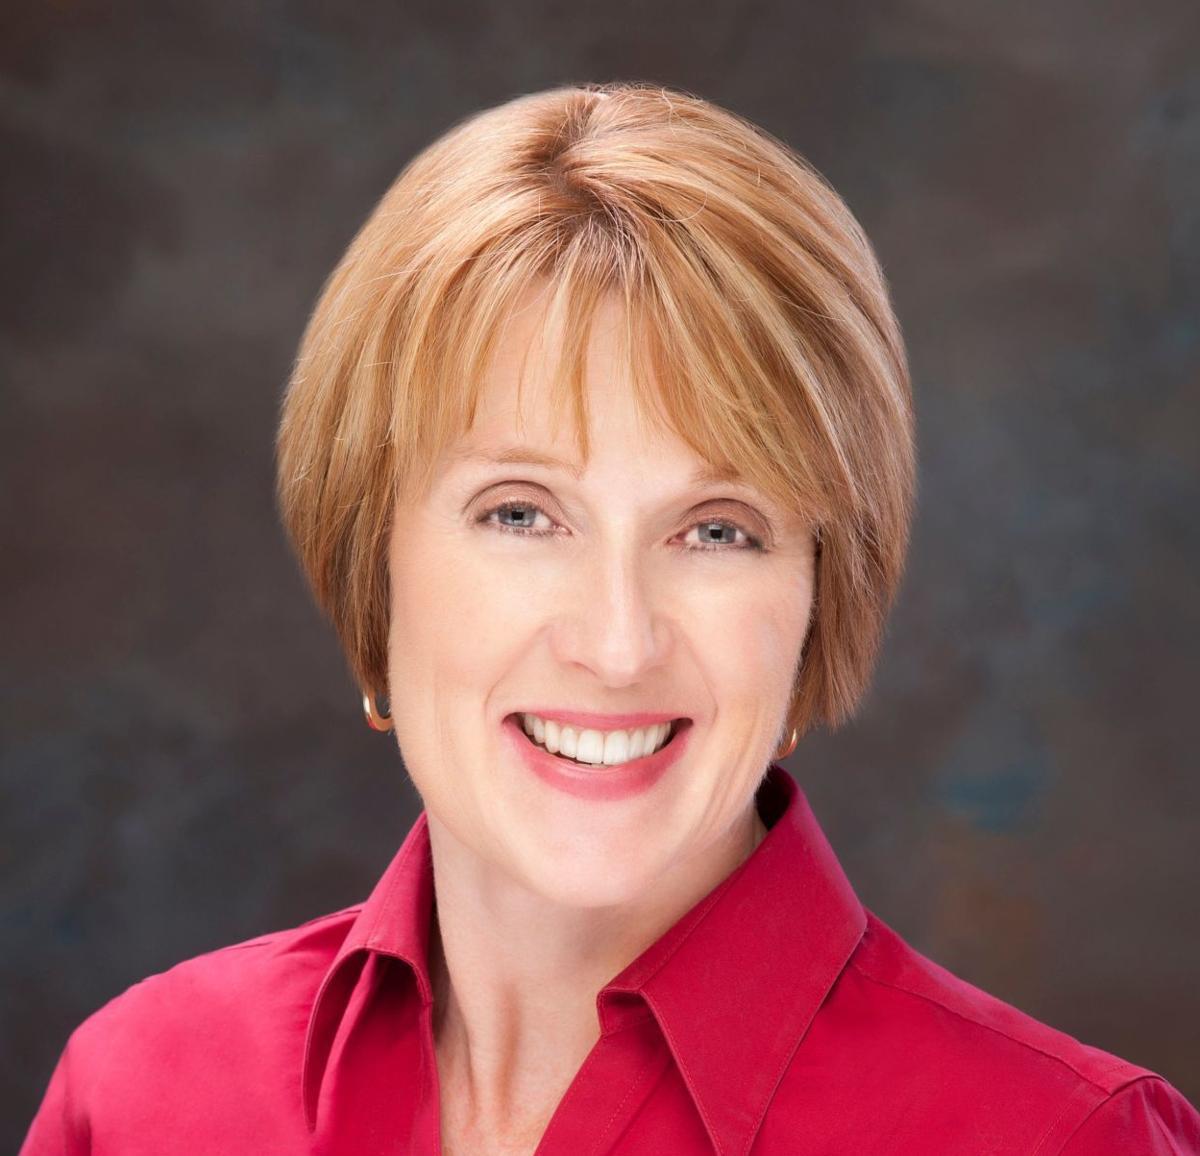 Sheila Hogan